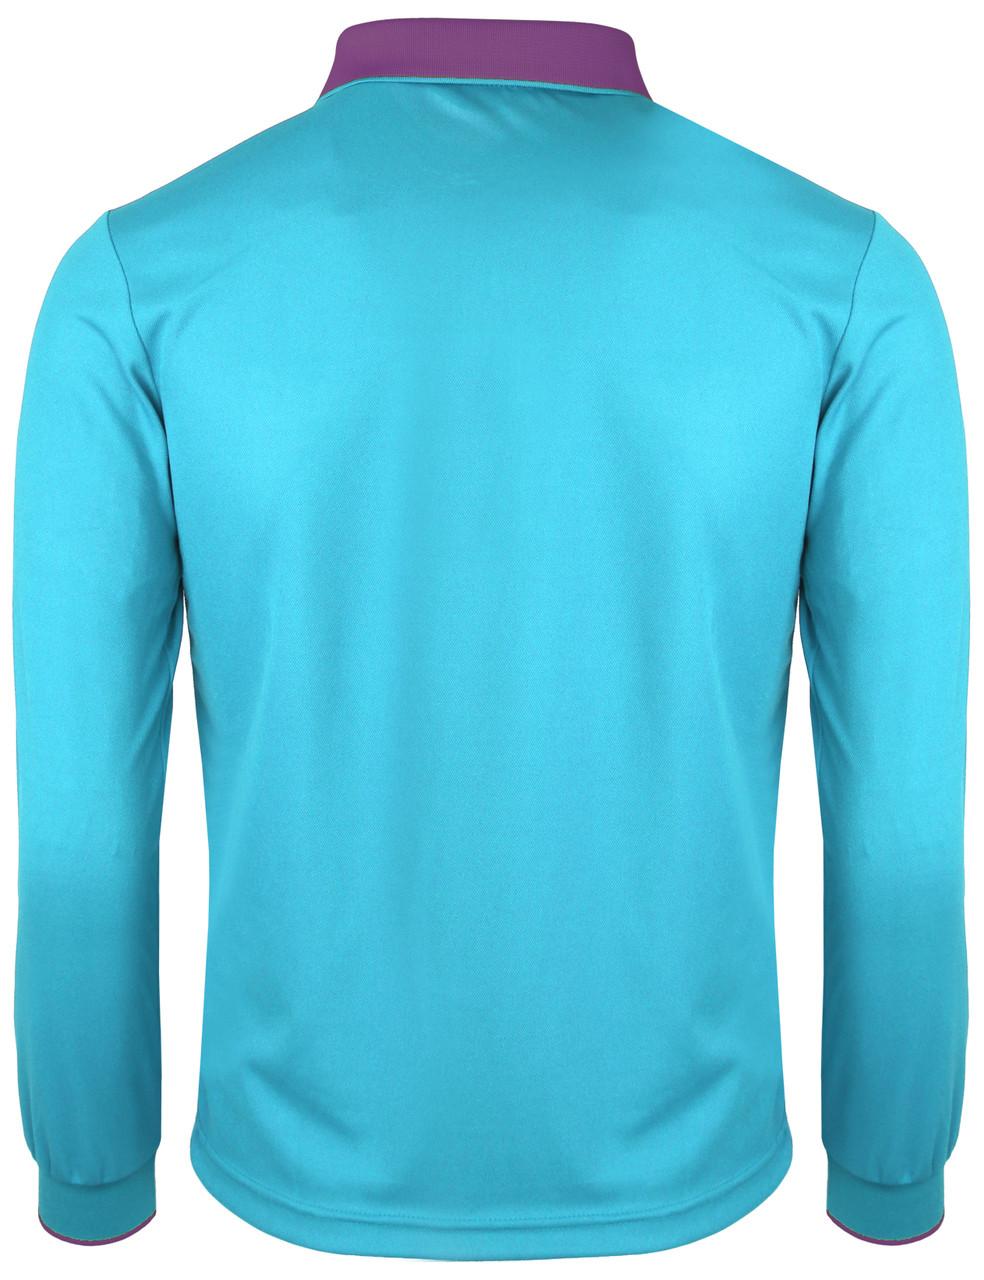 01f5dd94 Long Sleeve Dri Fit Stitch Point Polo Shirt-Unisex